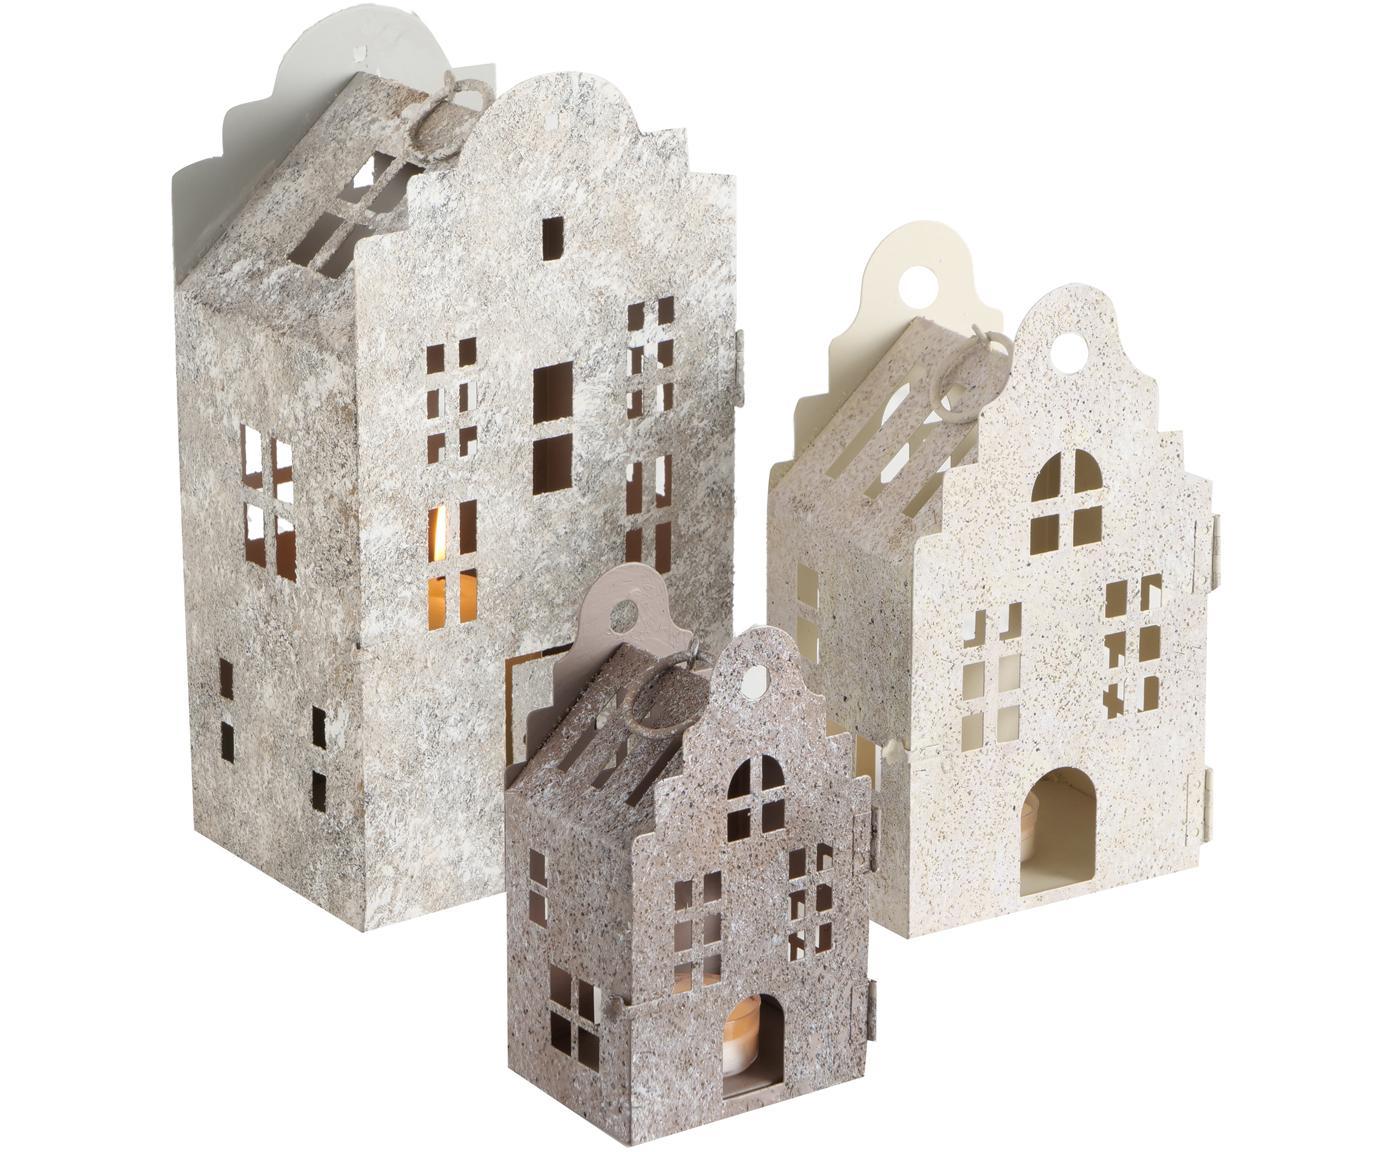 Set 3 portacandele Amsterdam, Metallo verniciato, Beige, grigio chiaro, grigio, Diverse dimensioni